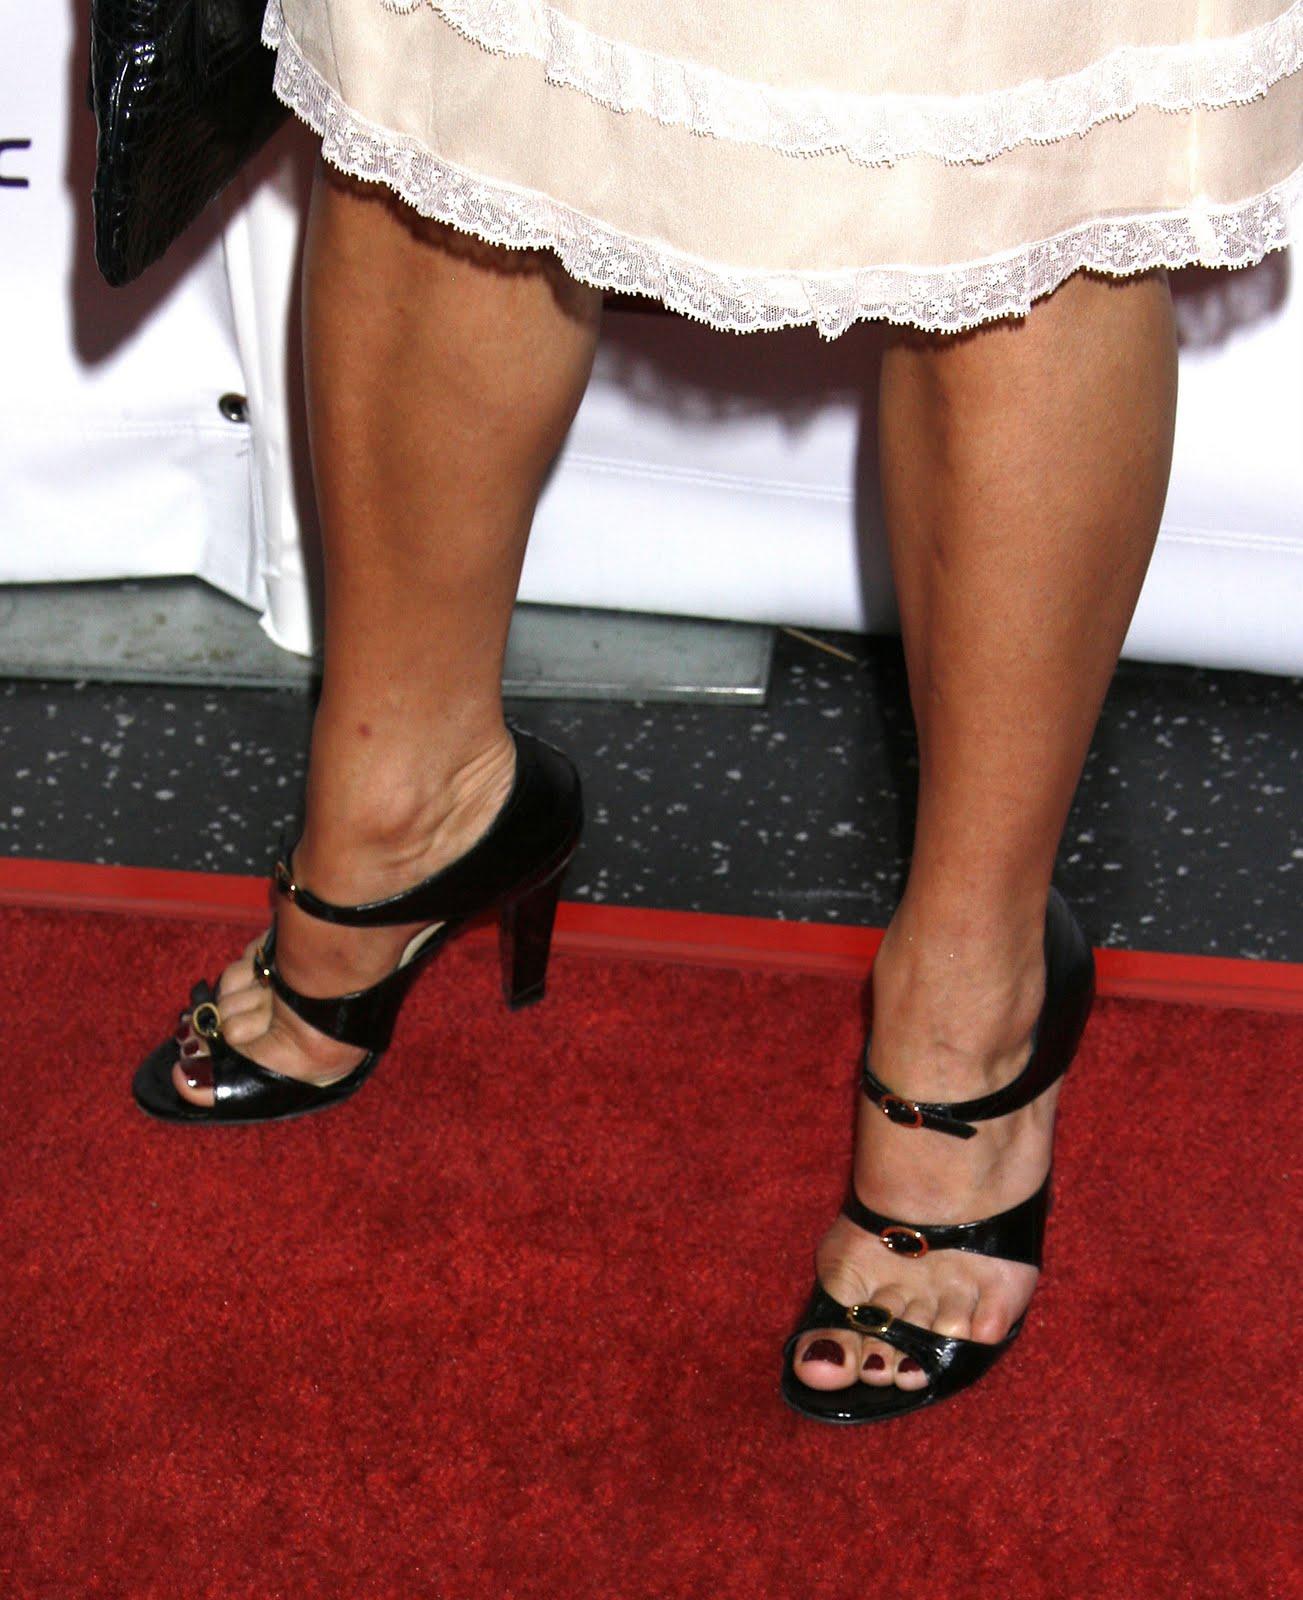 http://4.bp.blogspot.com/_UaLWp72nij4/TBqCw3pEFtI/AAAAAAAAPSo/XxA9SVn3B-E/s1600/neve-campbell-feet.jpg